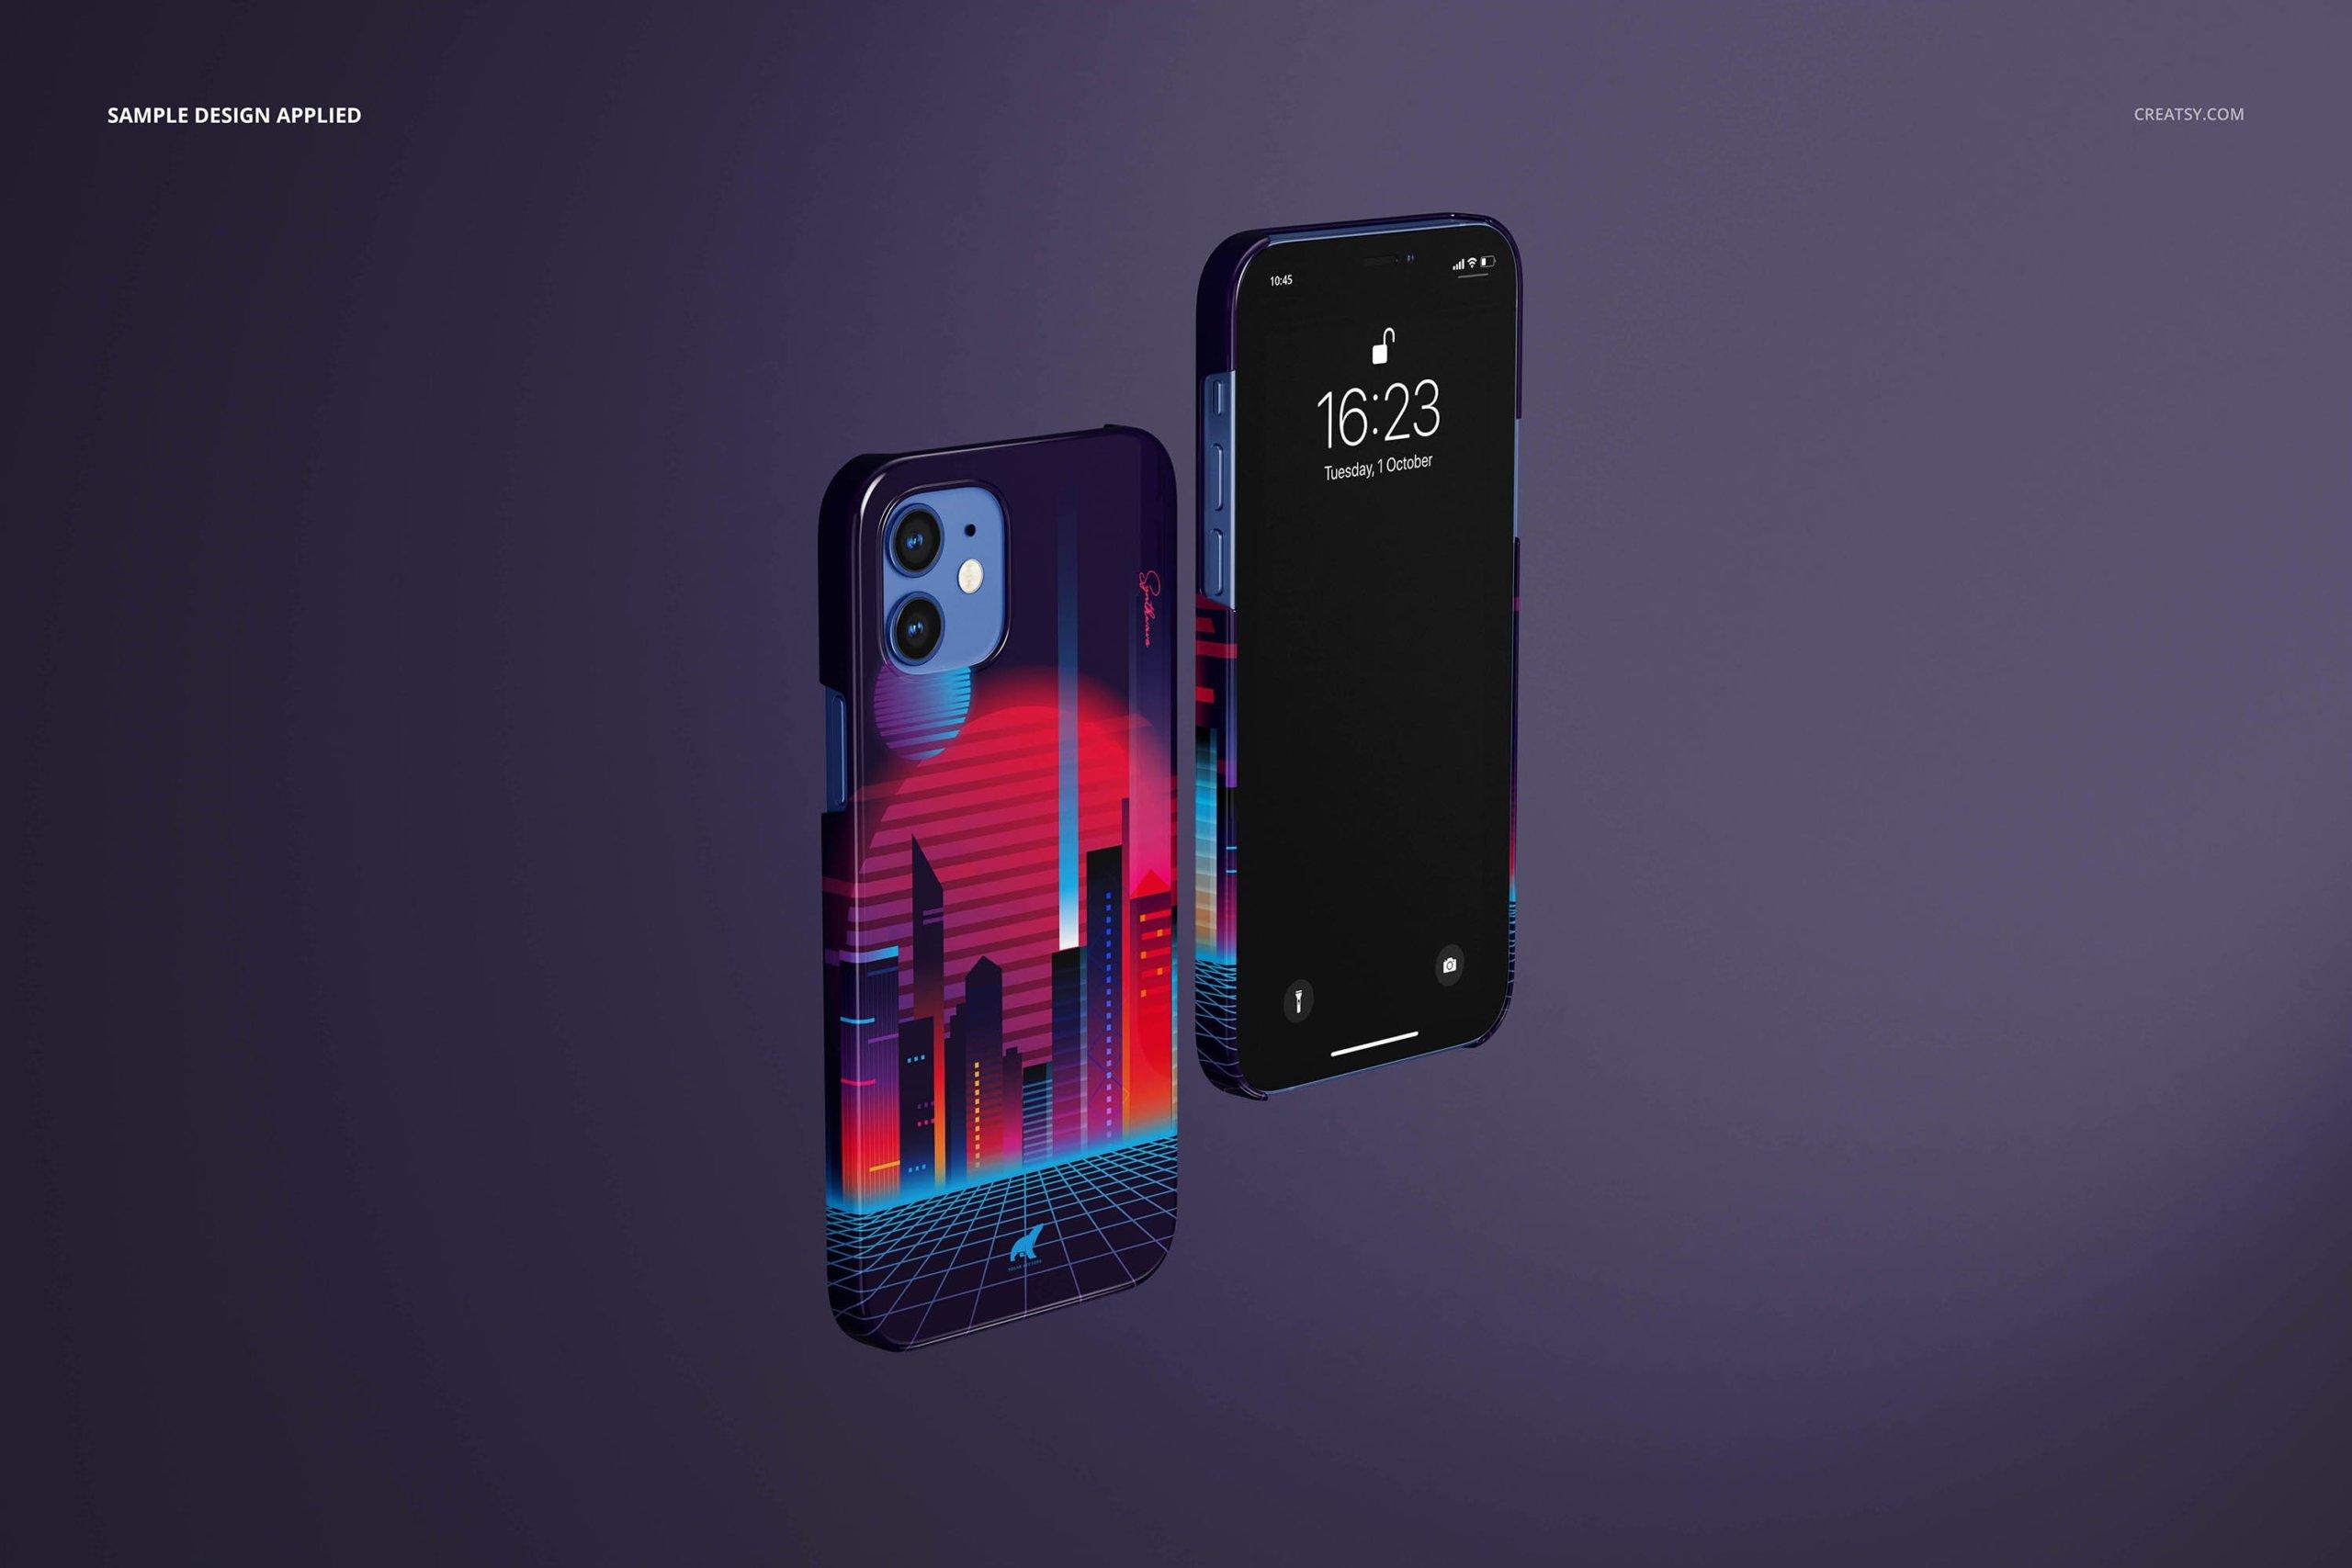 [单独购买] 26款时尚光滑苹果iPhone 12手机保护壳设计PS贴图样机模板素材 iPhone 12 Glossy Snap Case 1 Mockup插图4